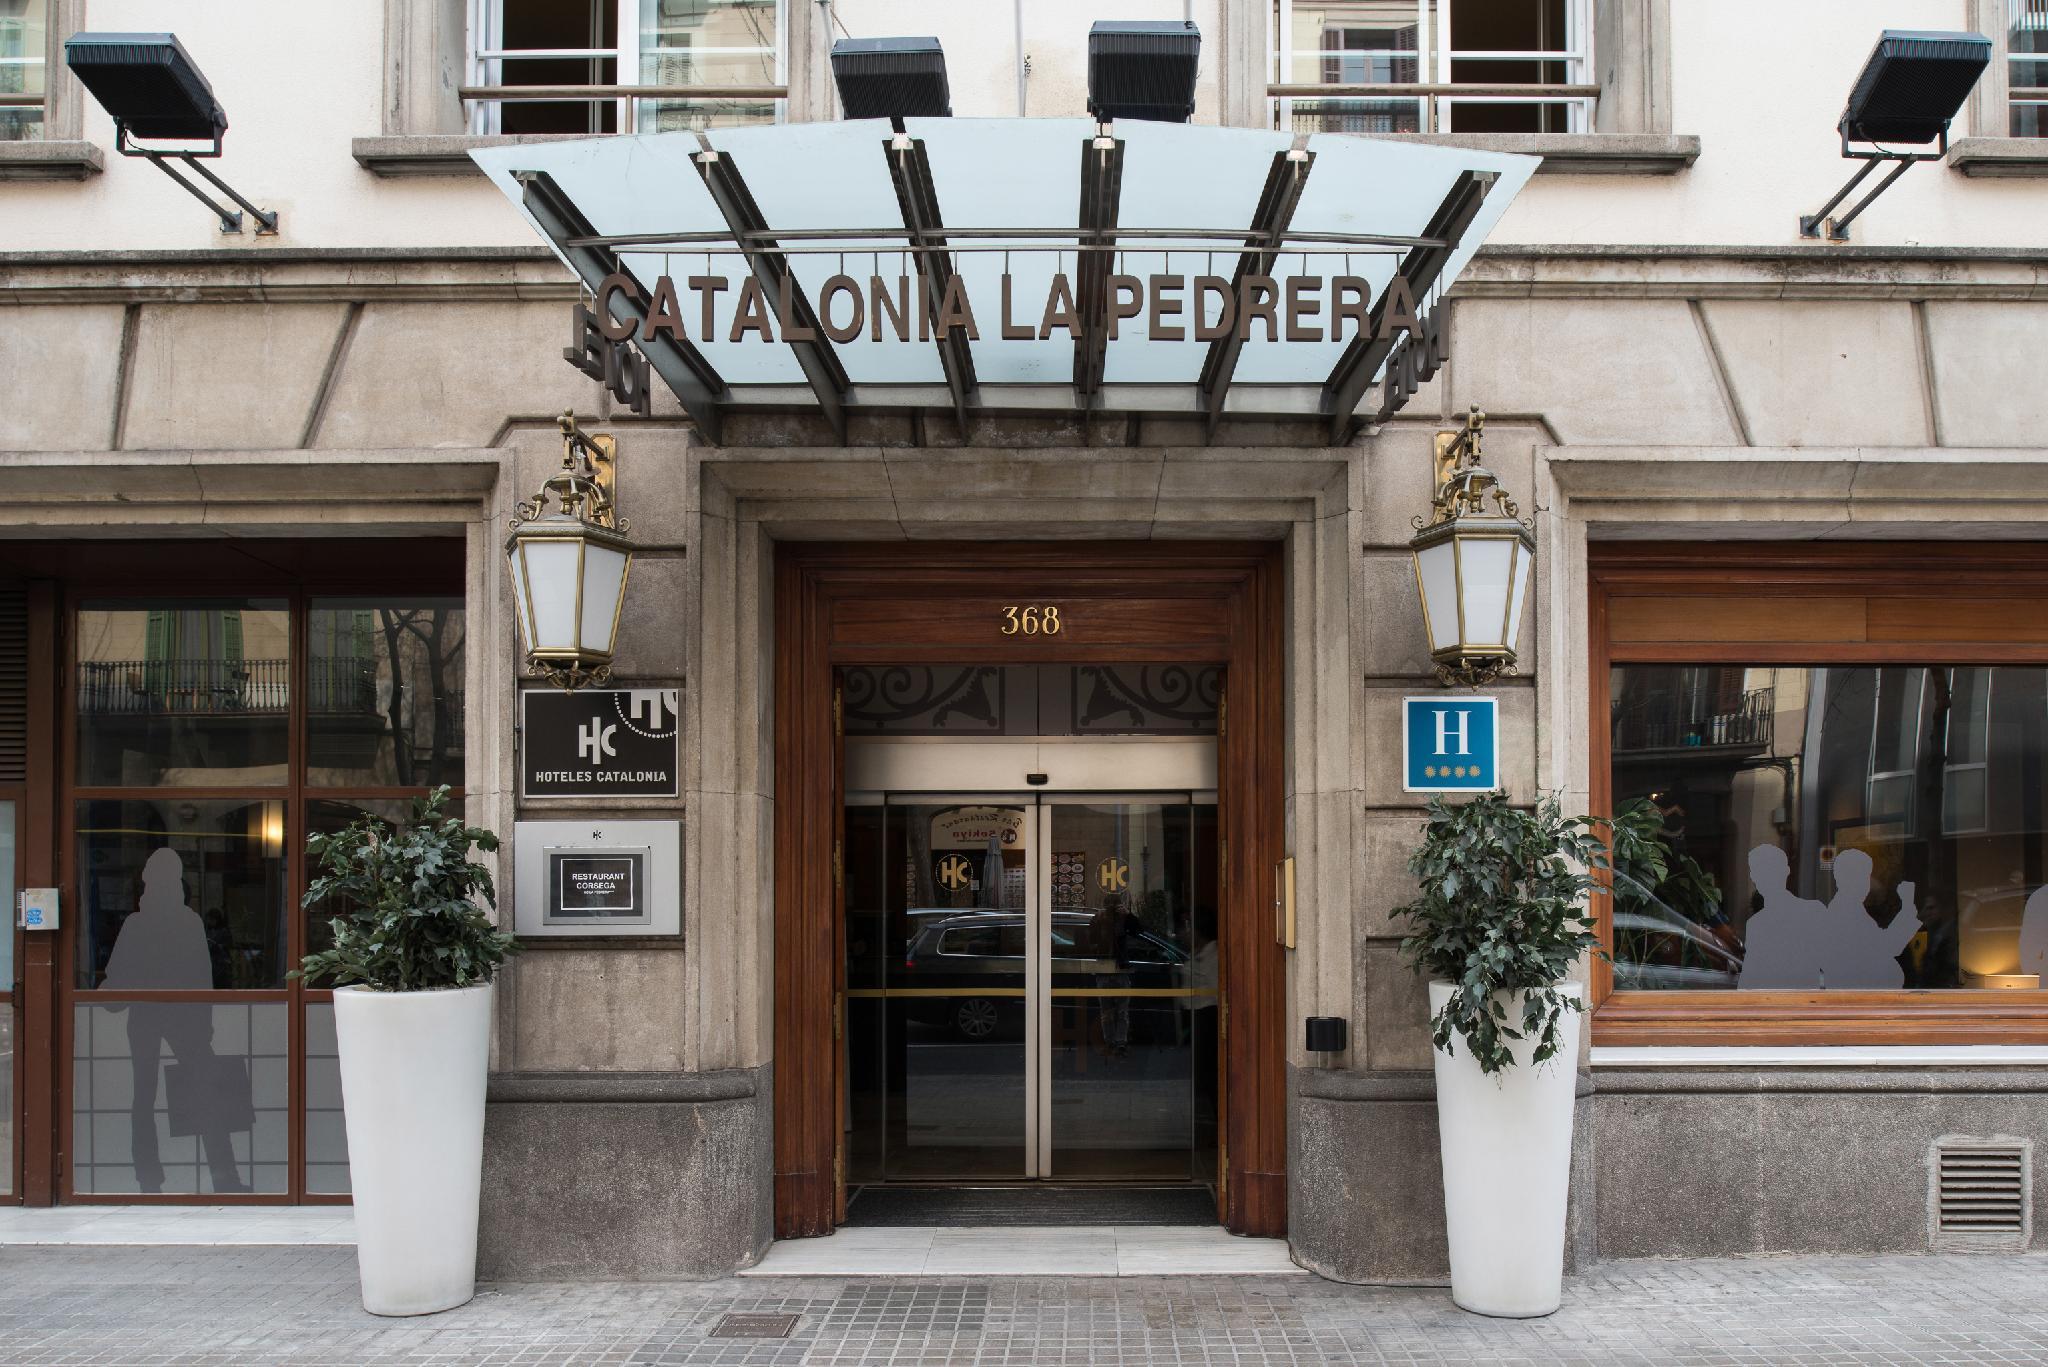 Catalonia La Pedrera Hotel